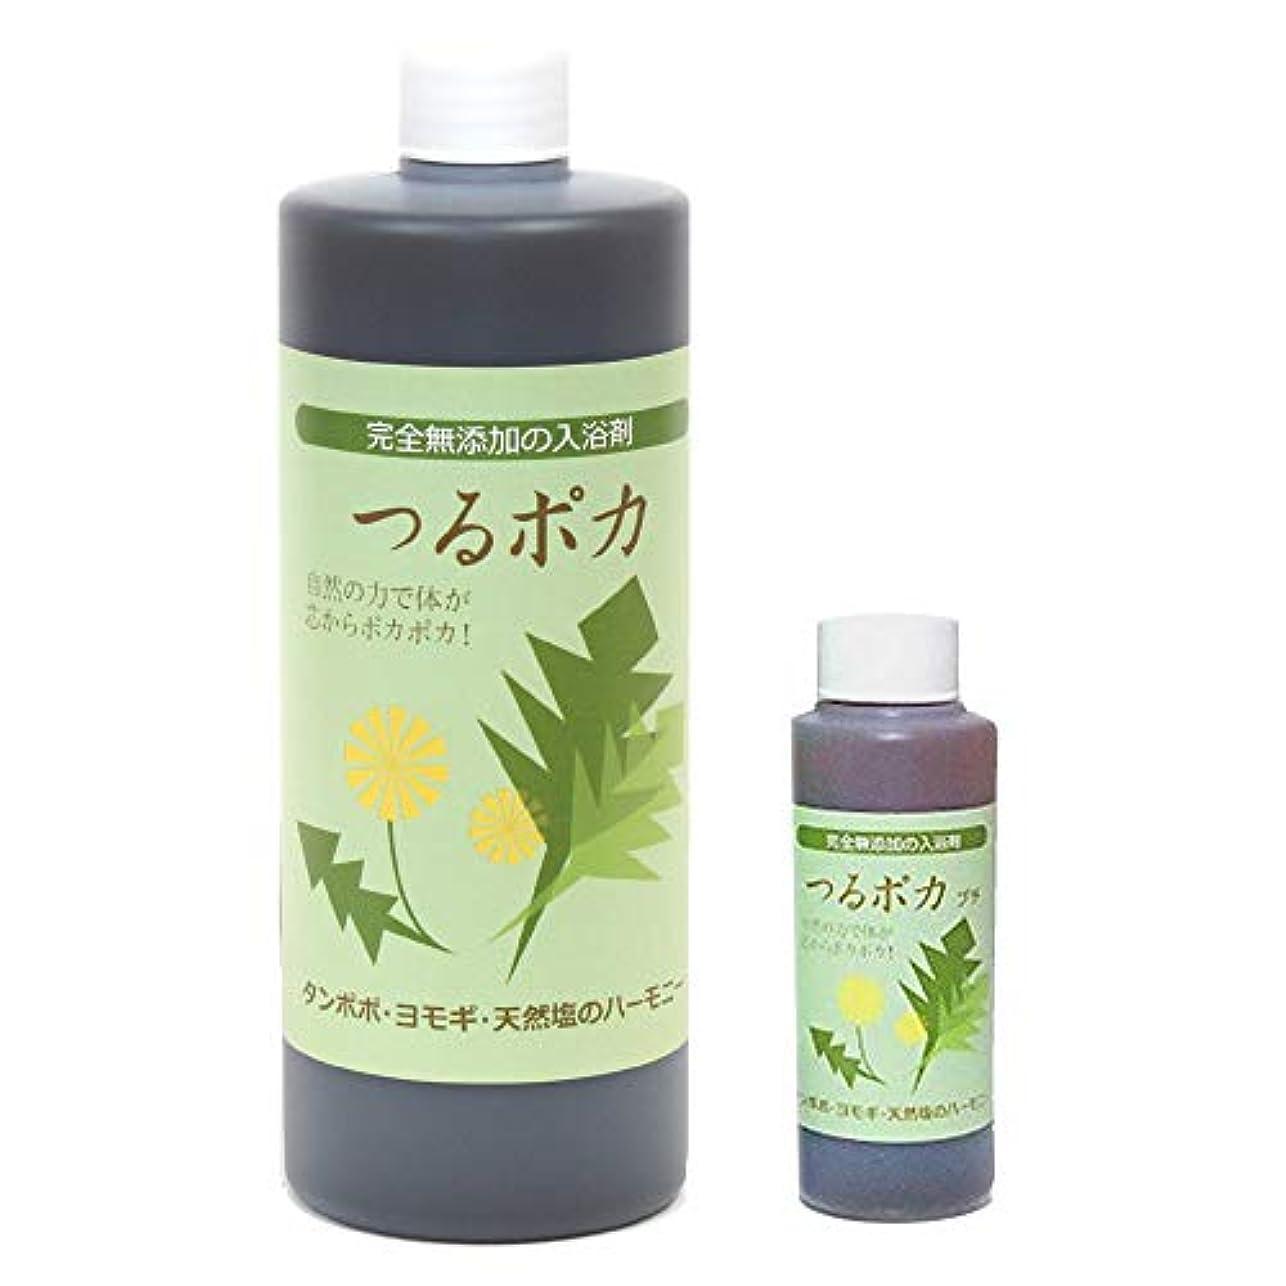 アシスタントネブ幸運なつるポカ入浴剤 500ml+60ml おまけ (ばんのう酵母くん姉妹商品)